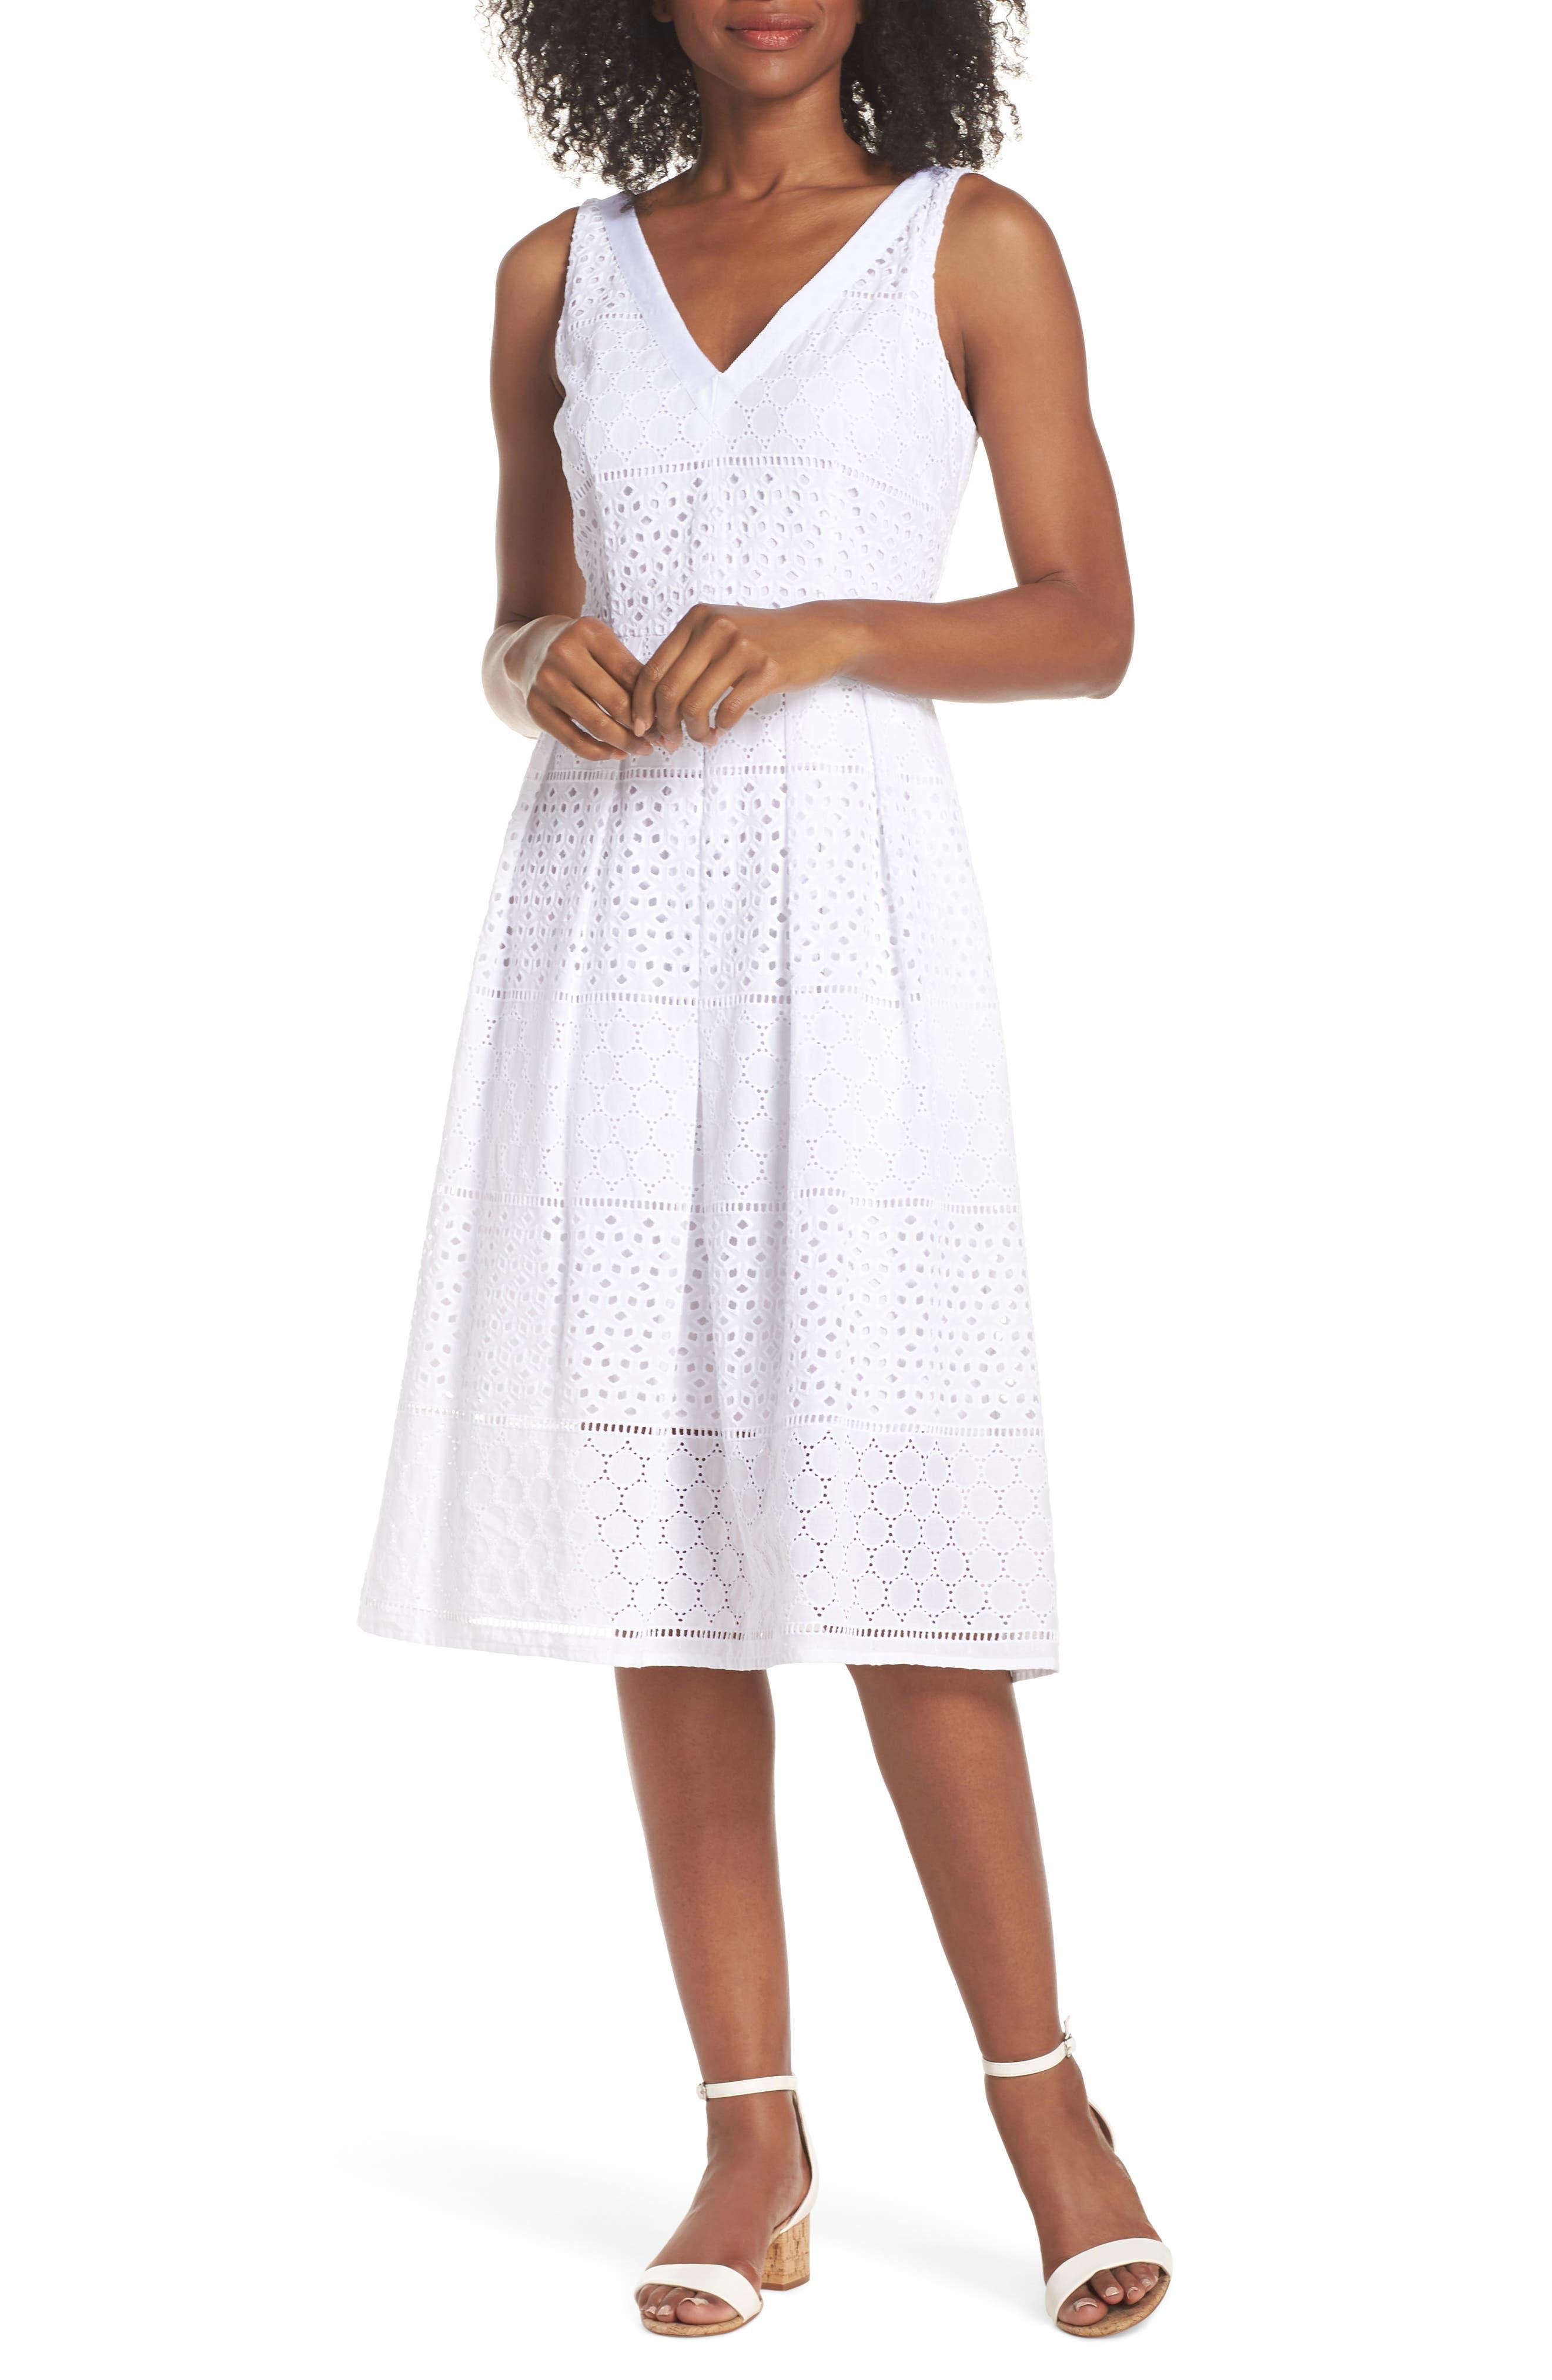 Alternate Image 1 Selected - Eliza J V-Neck Cotton Eyelet Fit & Flare Dress (Regular & Petite)